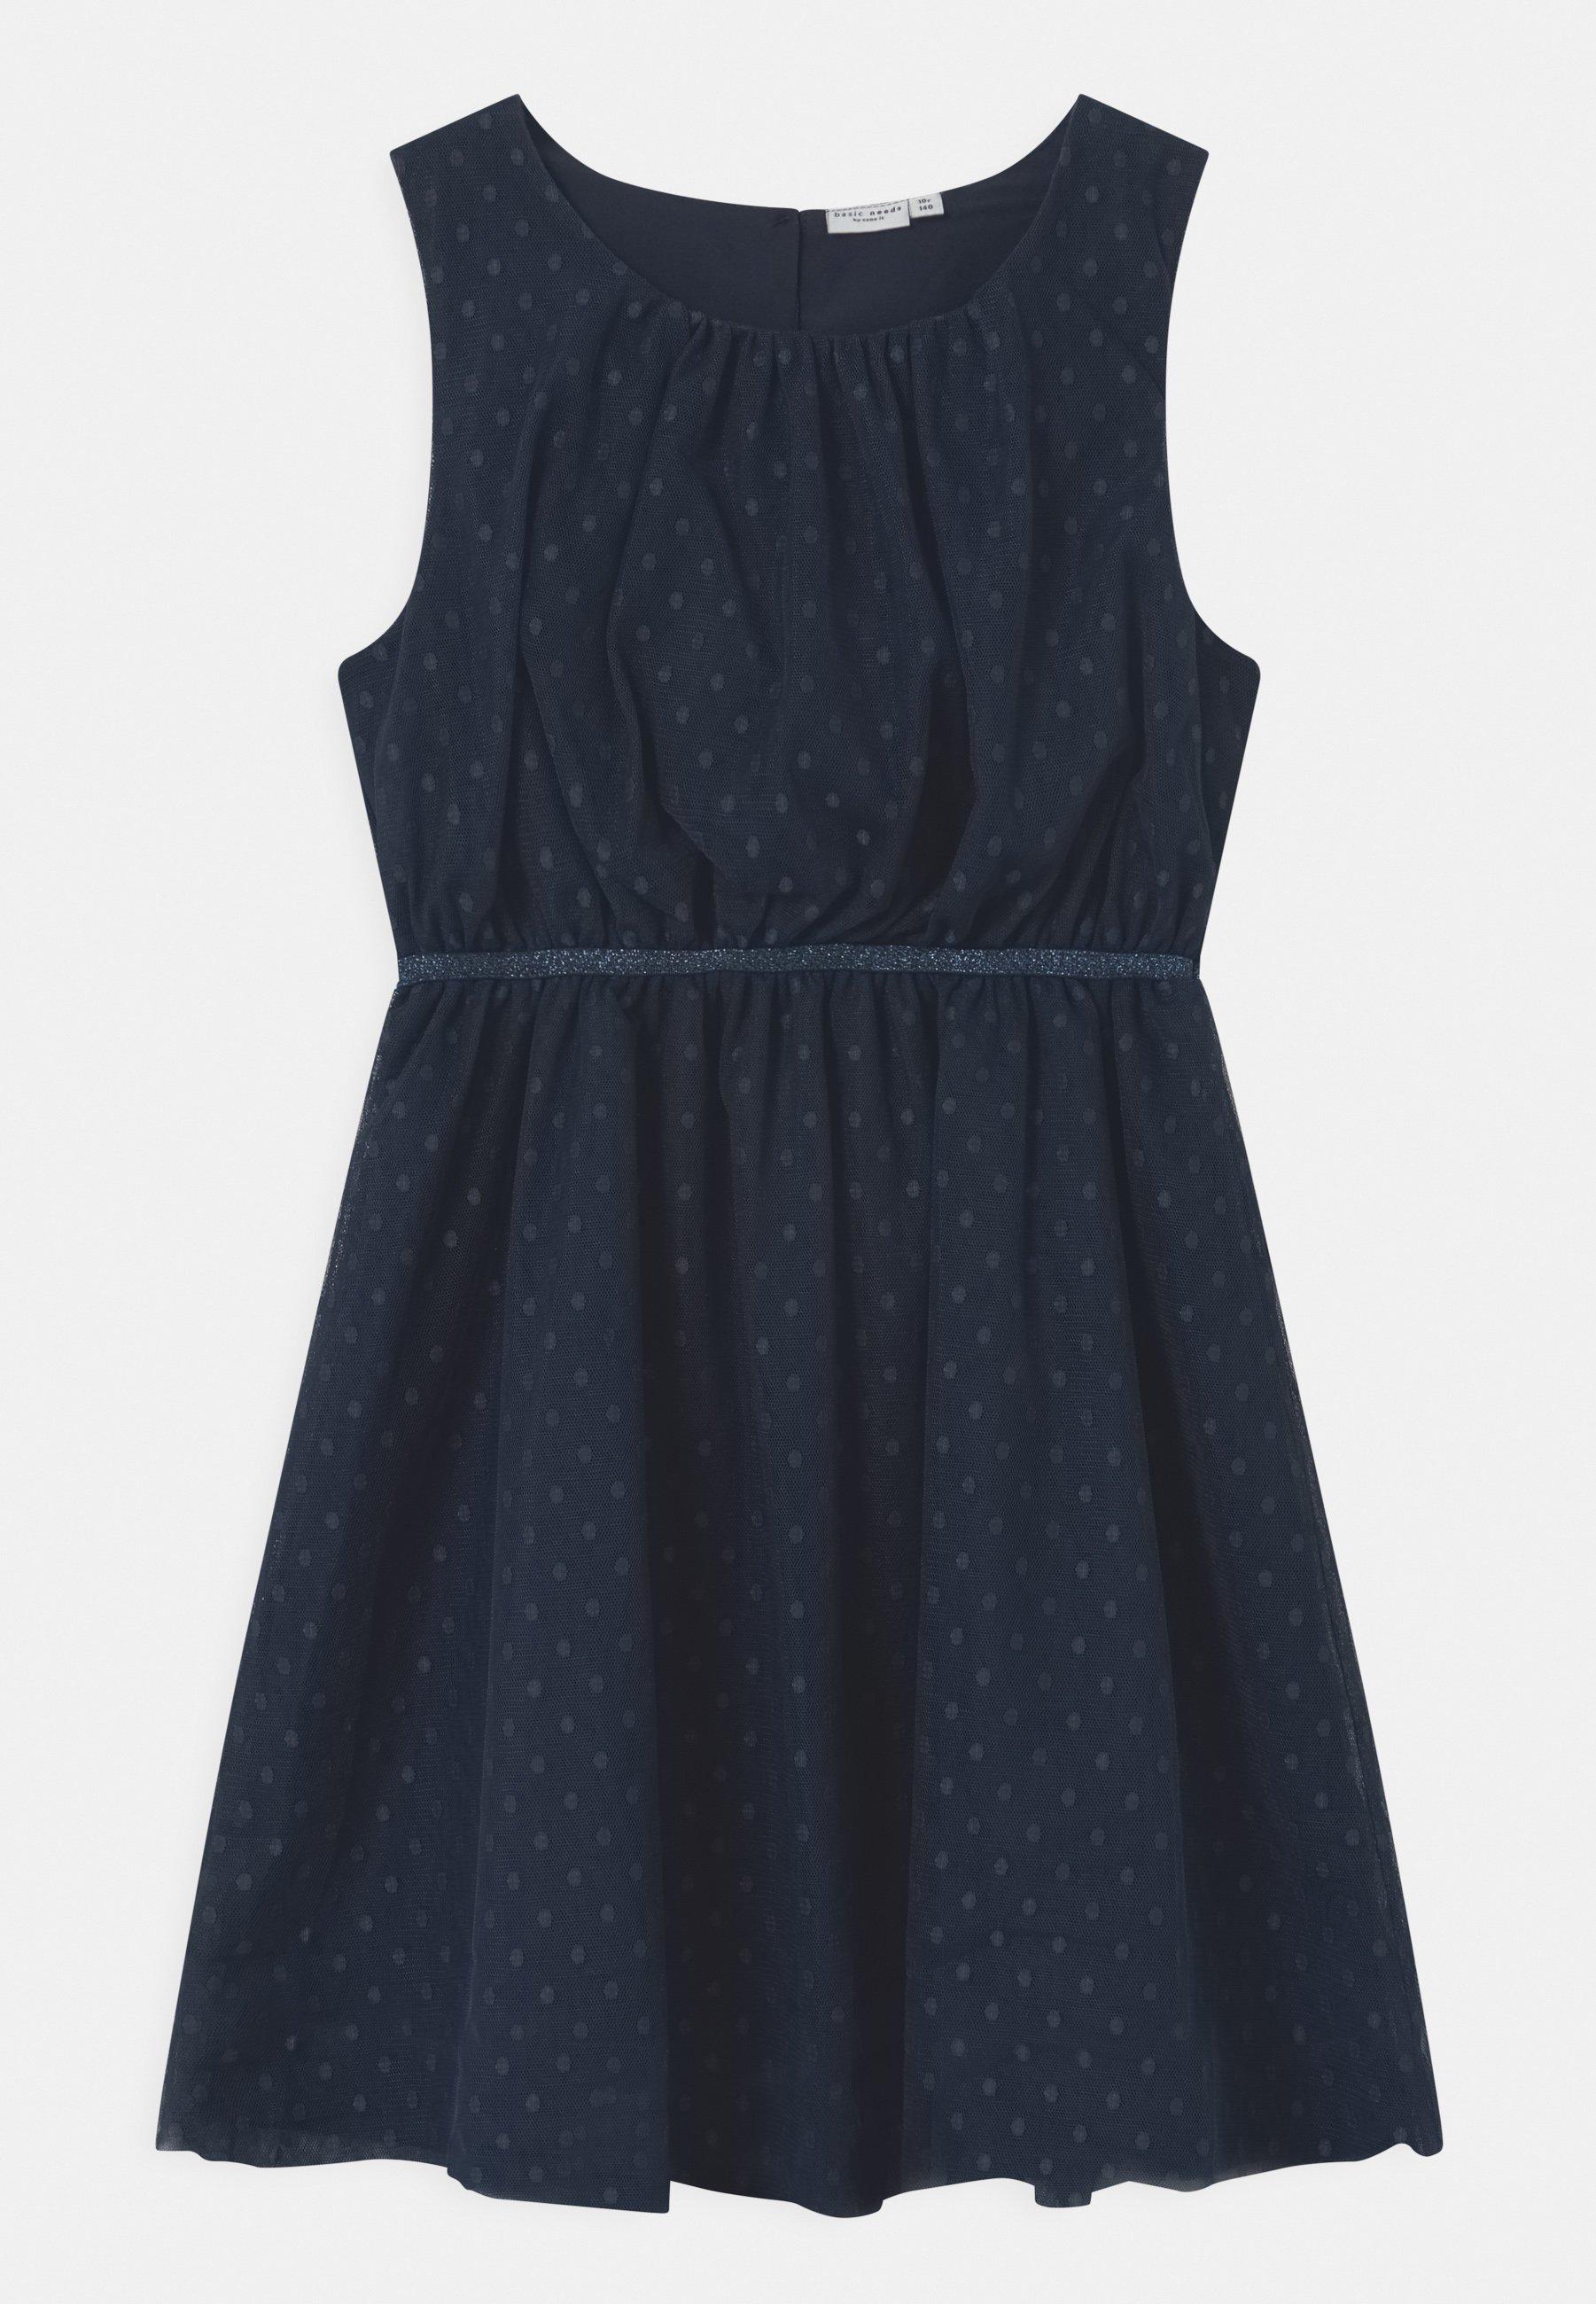 Mädchen Kleid Tüllkleid Sommerkleid Nkfvaboss Hellblau Neon Coral Name it